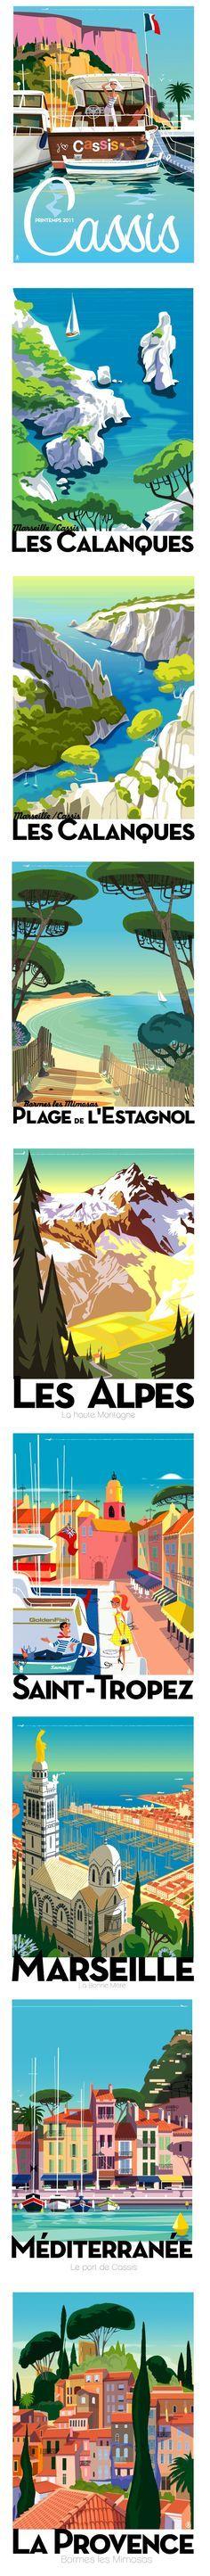 Cartes postales vintage - l'été en France ou ailleurs